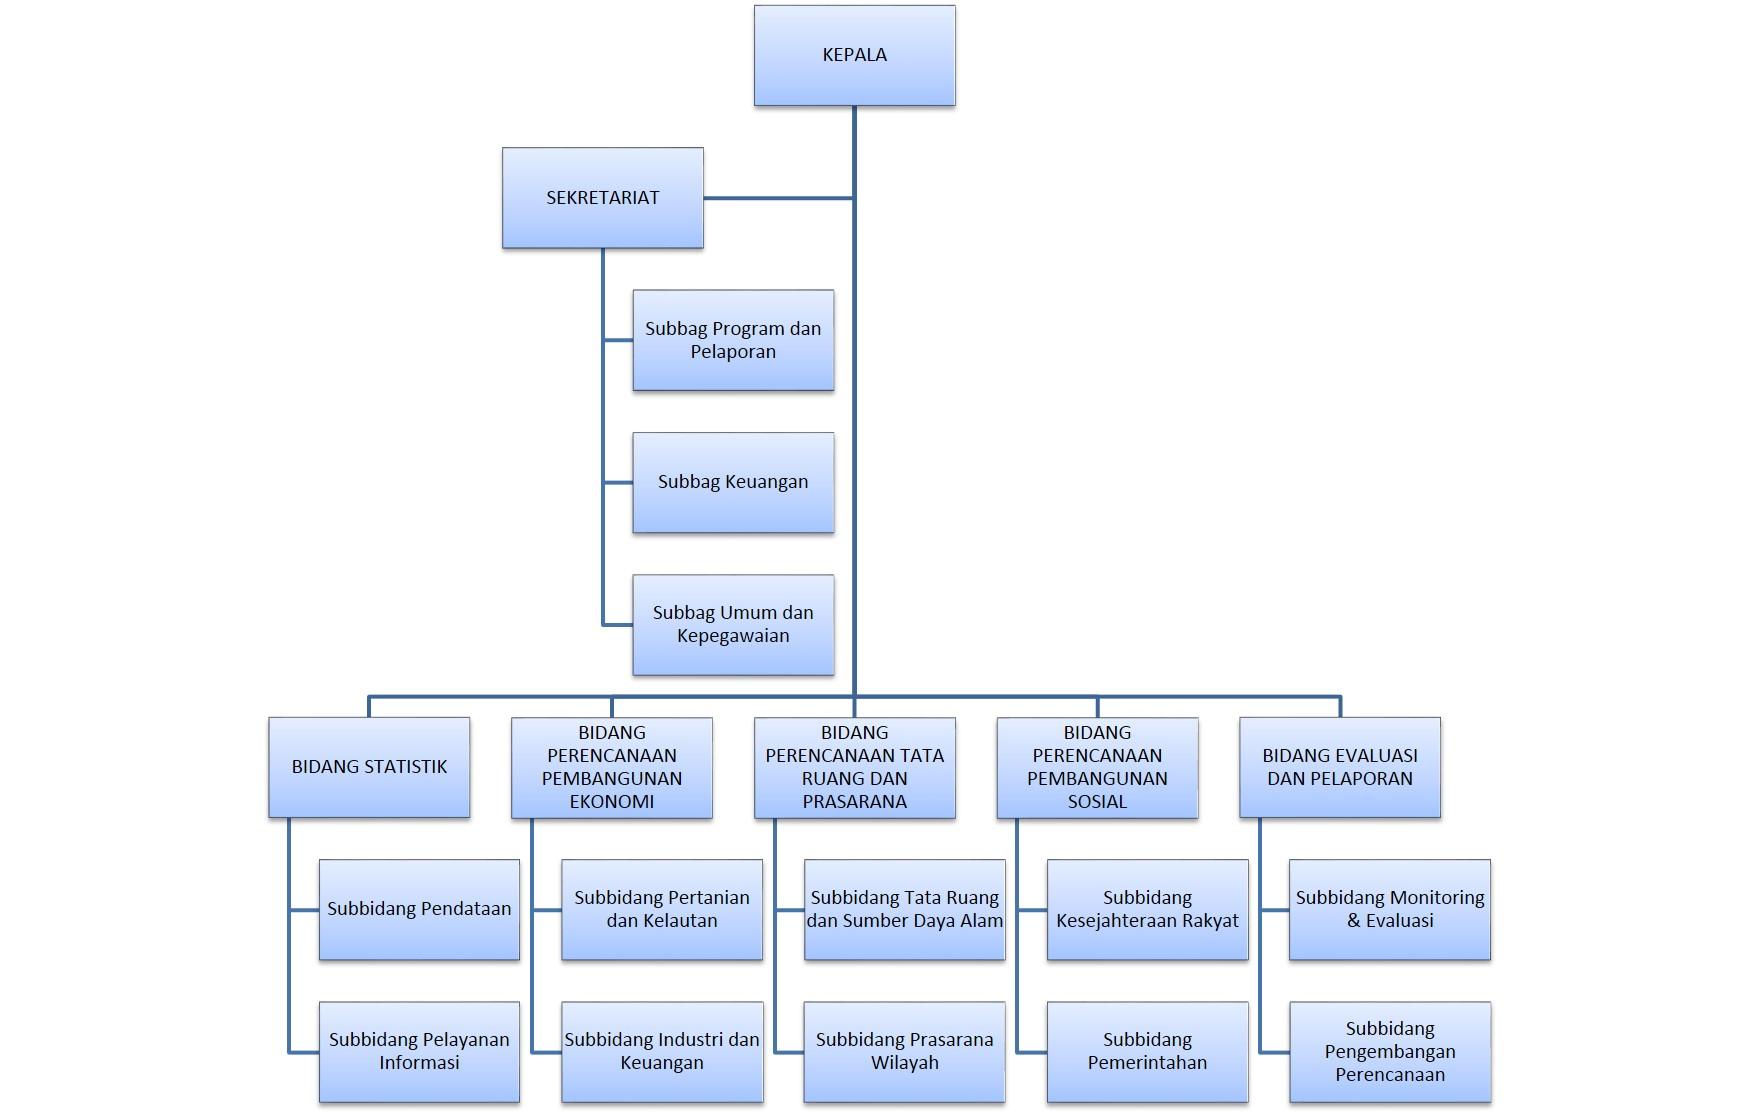 struktur-bappeda